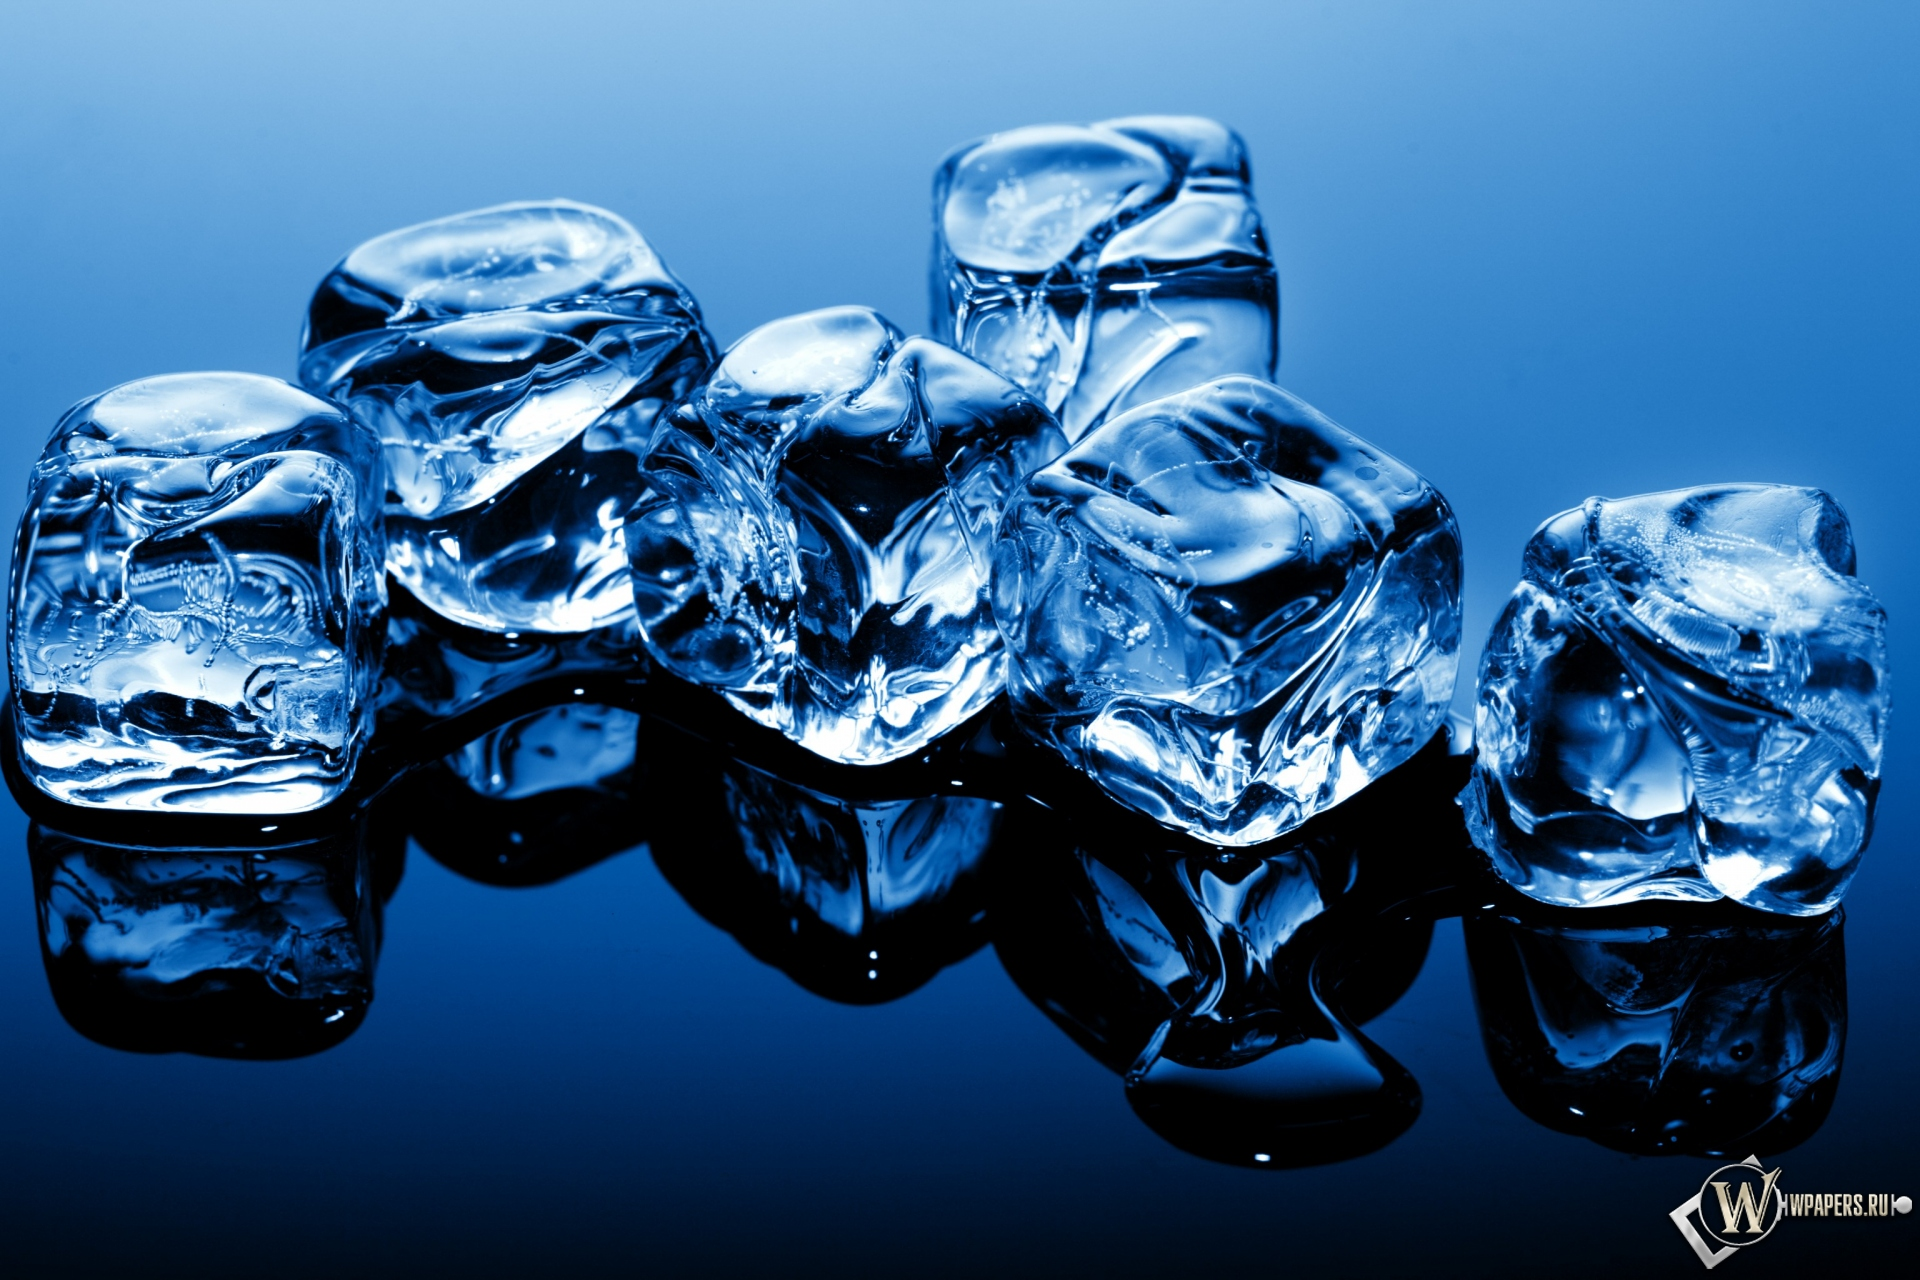 Кубики льда 1920x1280